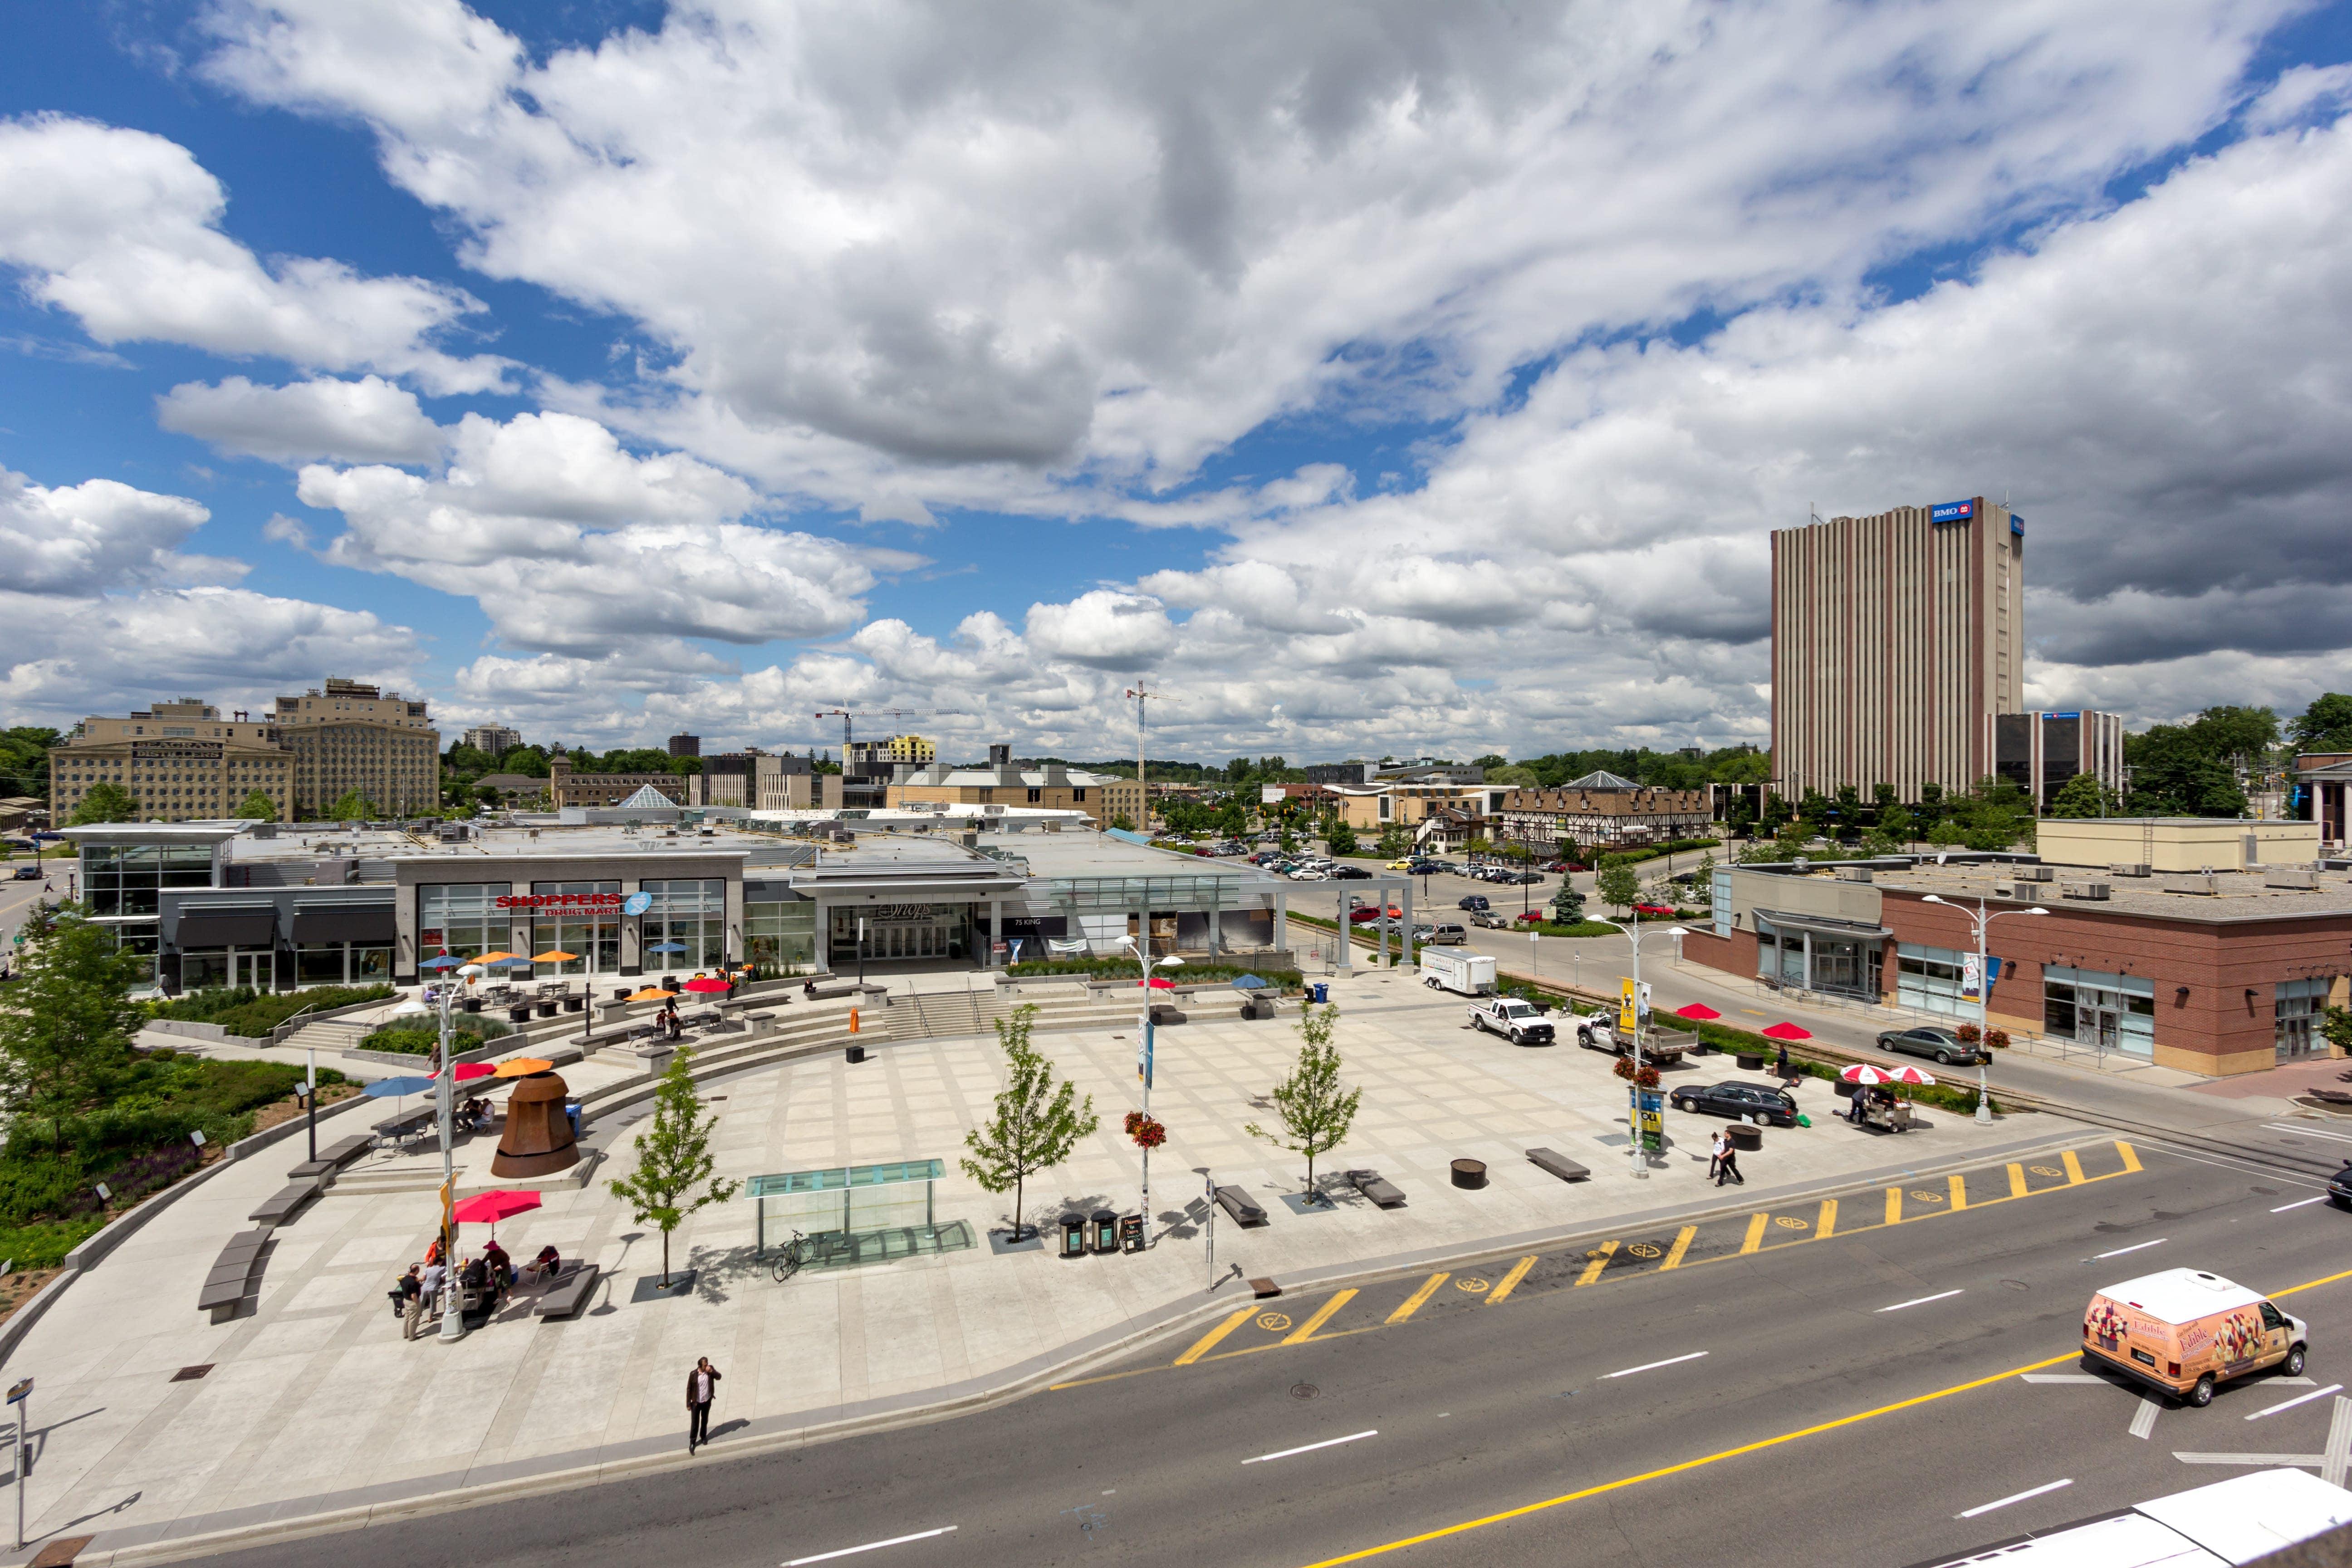 Uptown_Waterloo,_Ontario